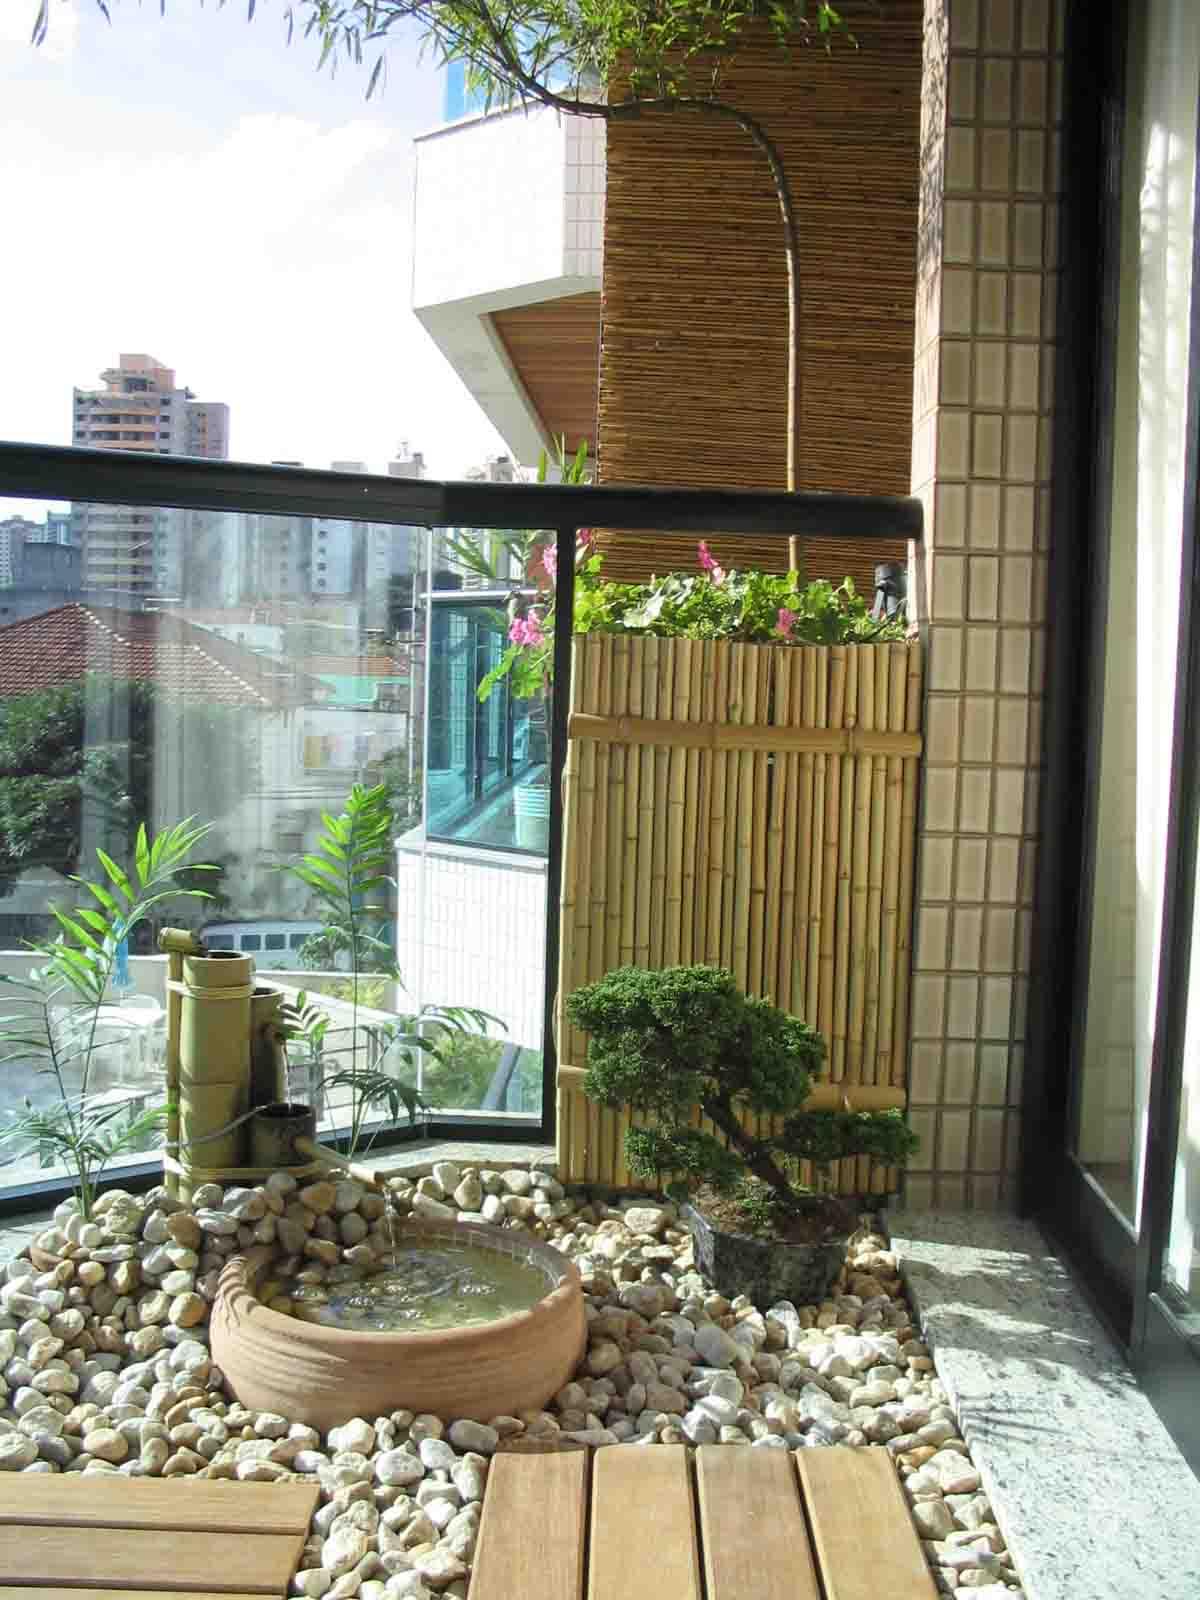 pedras jardins pequenos:Caminho das Pedras Paisagismo : Decoração de Jardins com Pedras